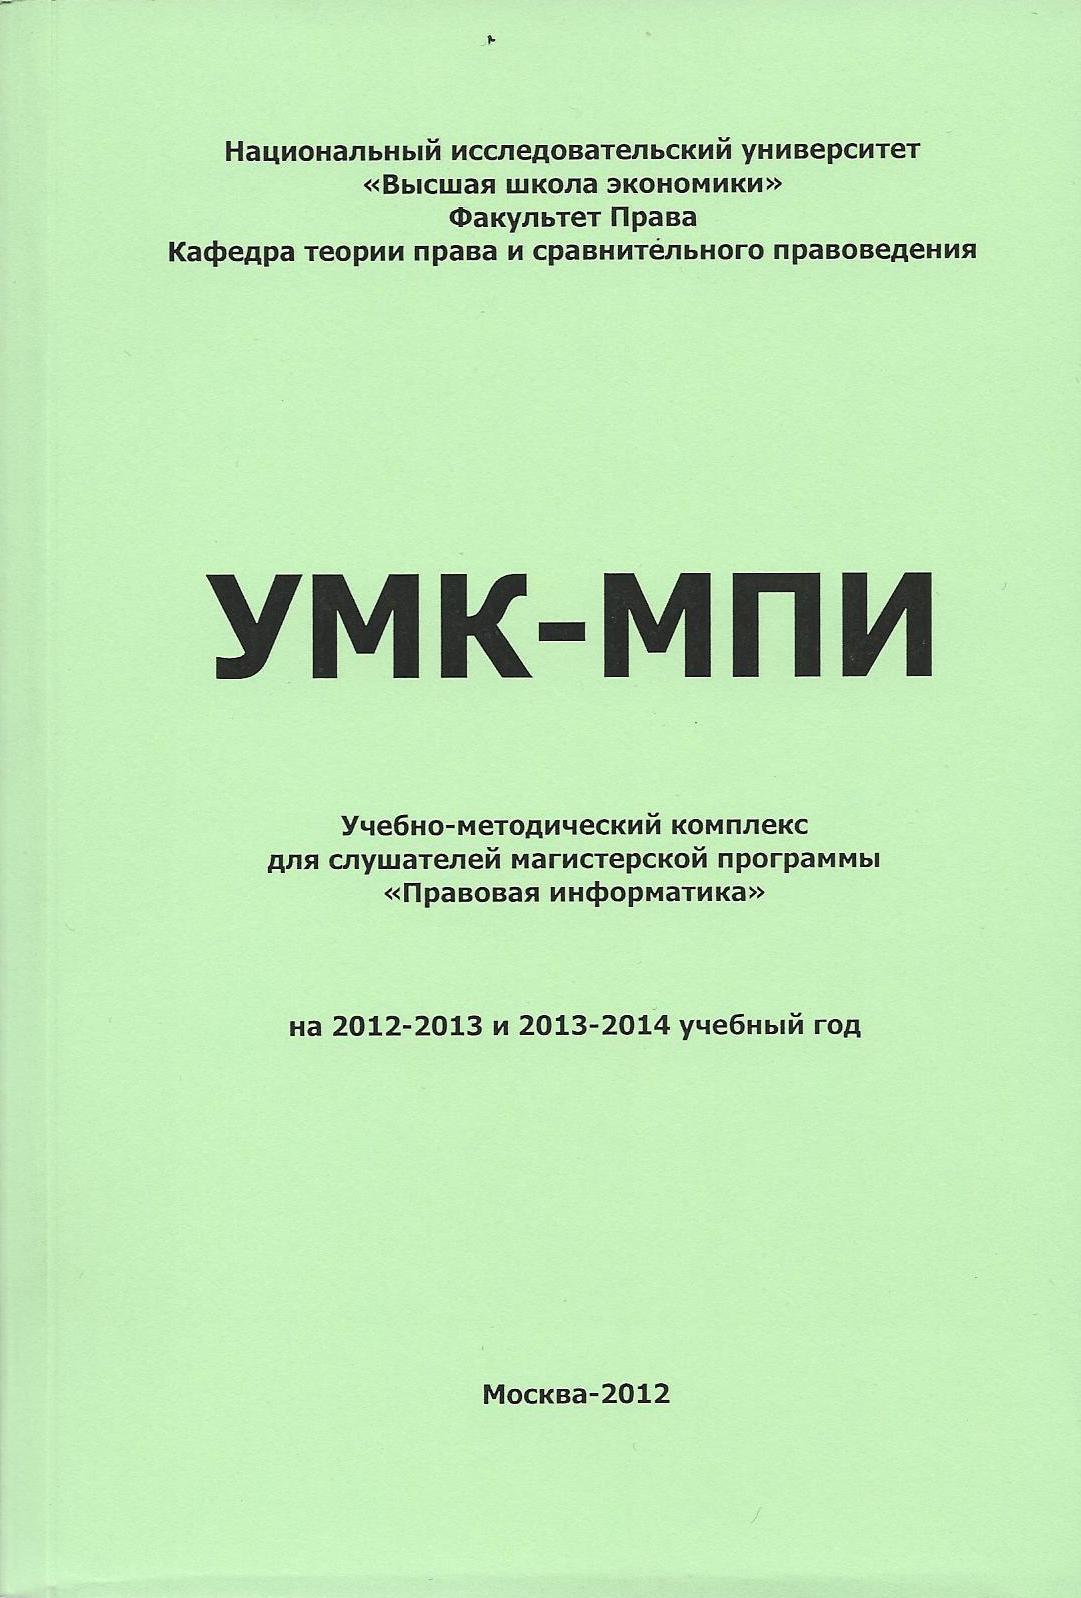 УМК-МПИ: Учебно-методический комплекс для слушателей магистерской про-граммы «Правовая информатика» на 2012-2013 и 2013-2014 учебный год